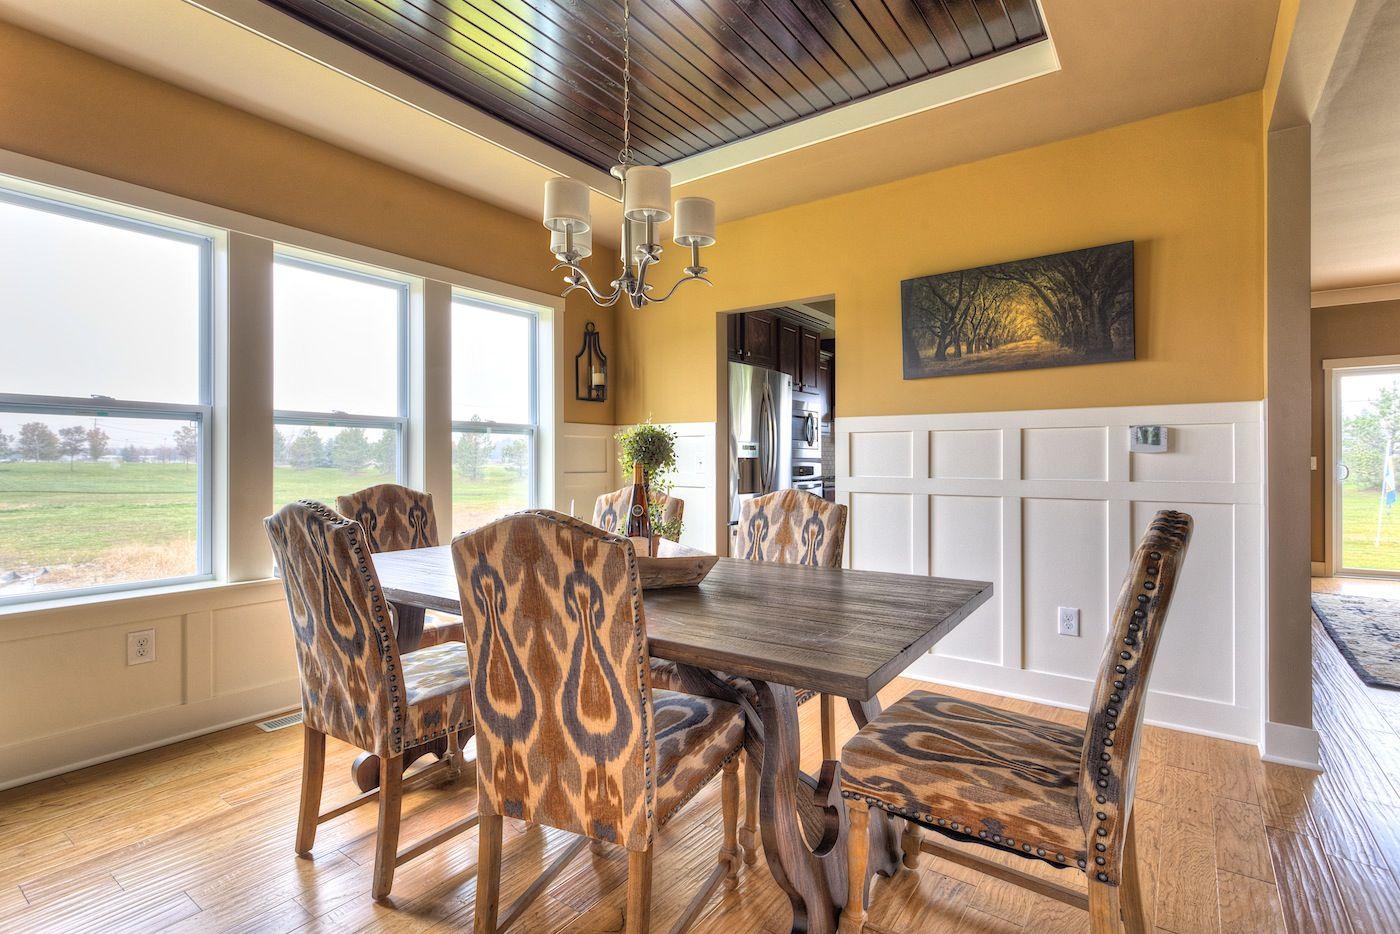 Dining Room:Dining Room